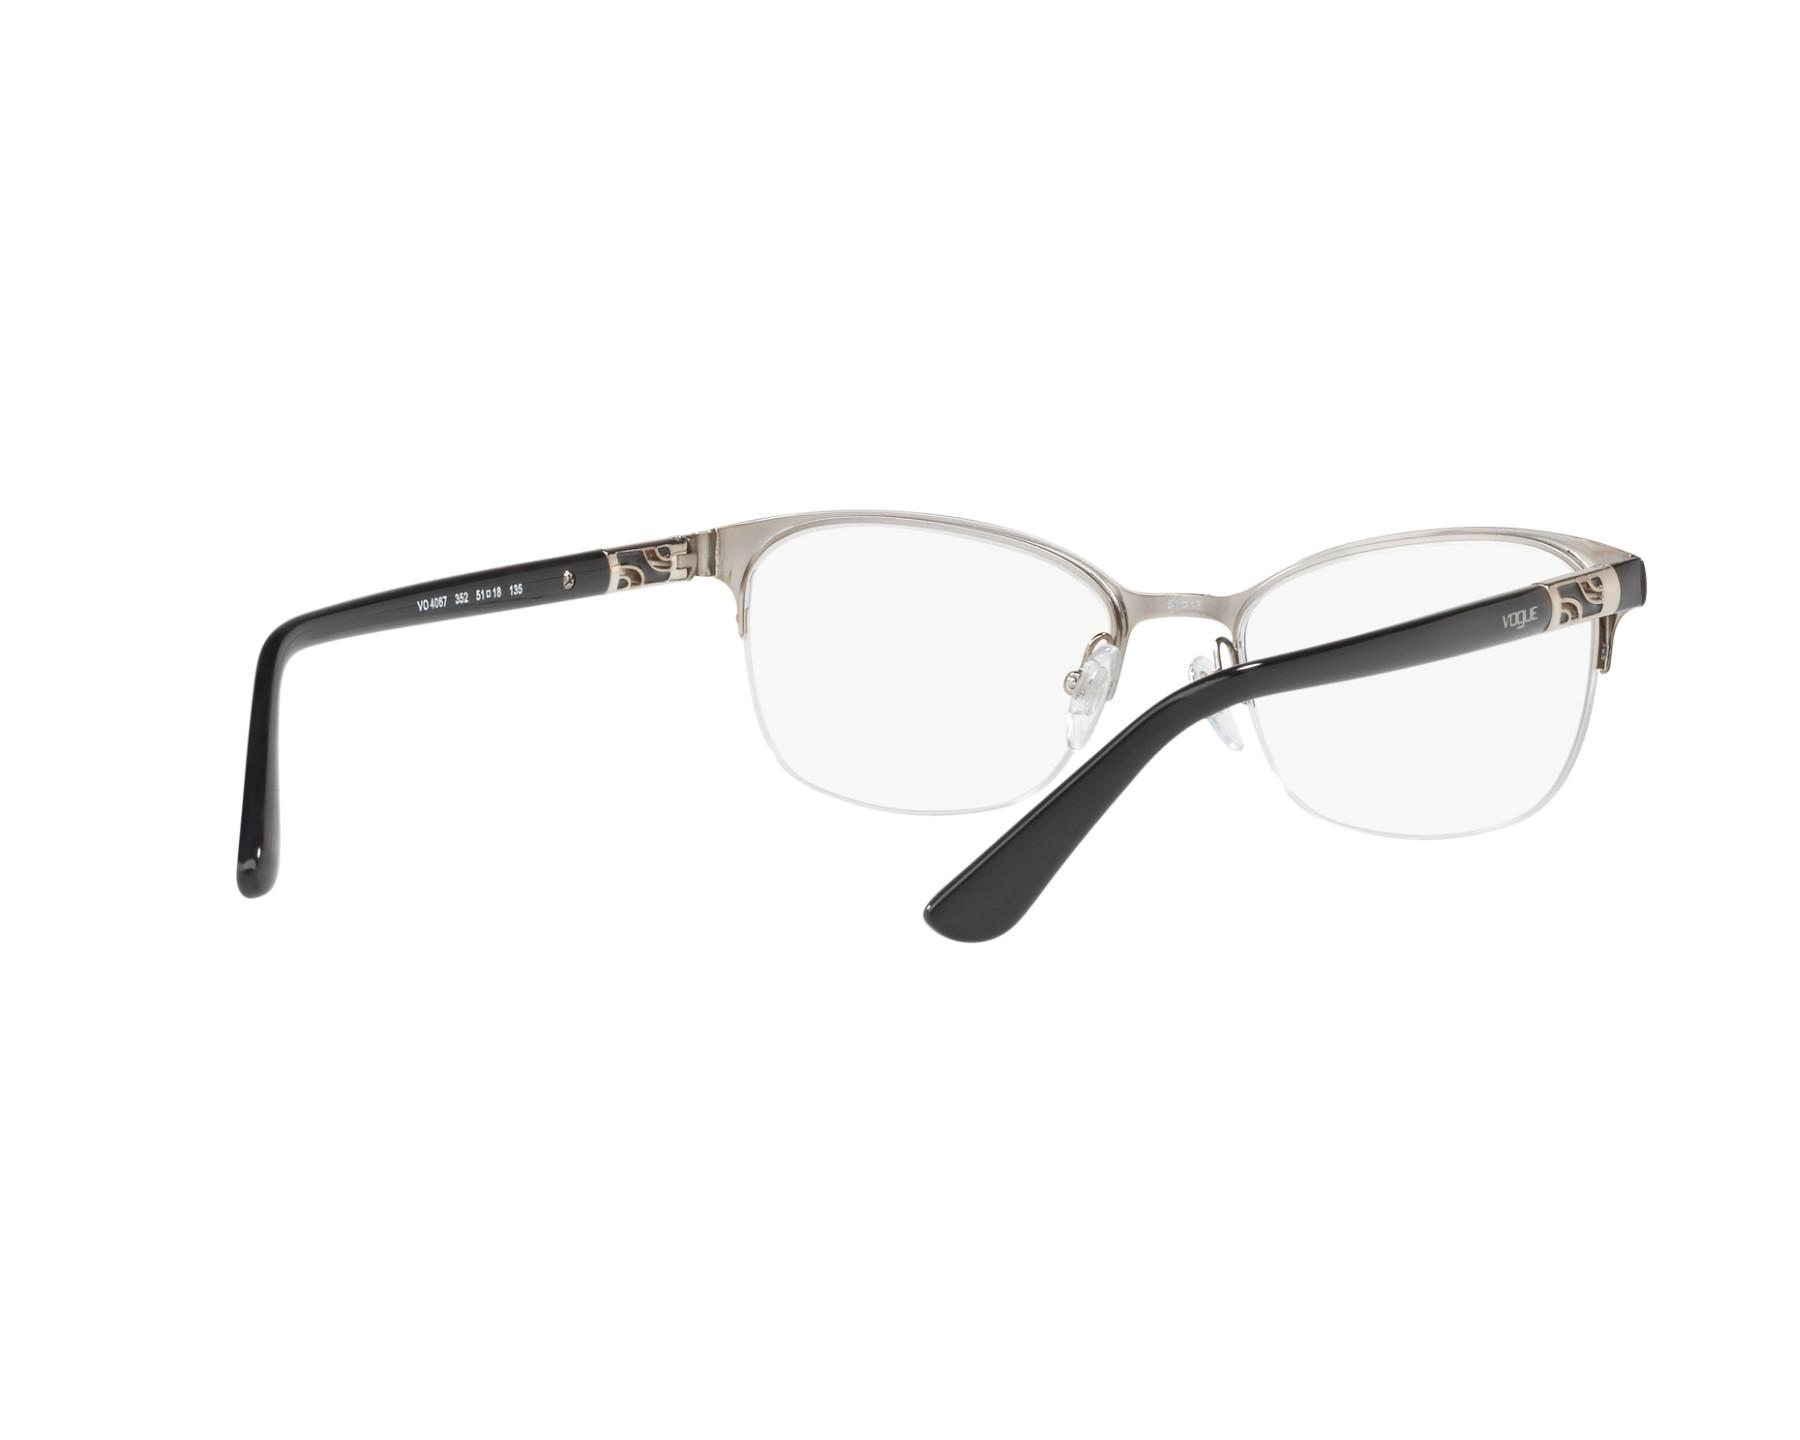 4ae829977b eyeglasses Vogue VO-4067 352 - Black Silver 360 degree view 8